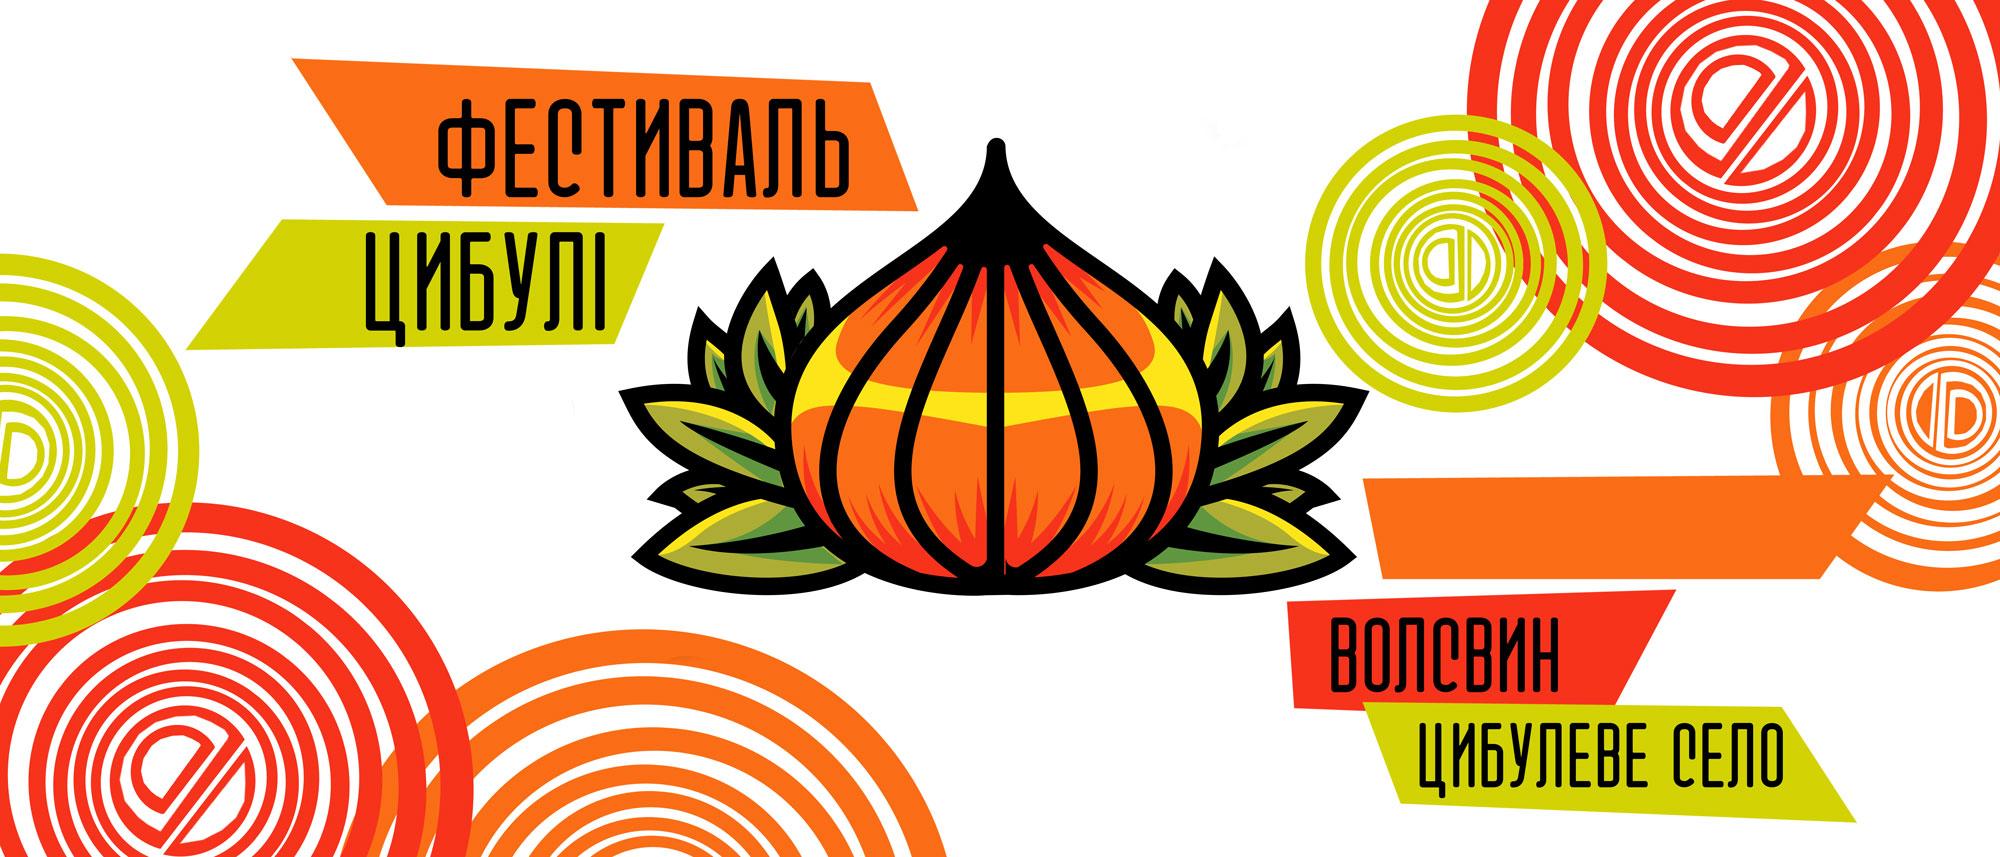 """Вперше у Червоноградській громаді відбудеться незвичний захід – """"Фестиваль цибулі"""" у с.Волсвин"""